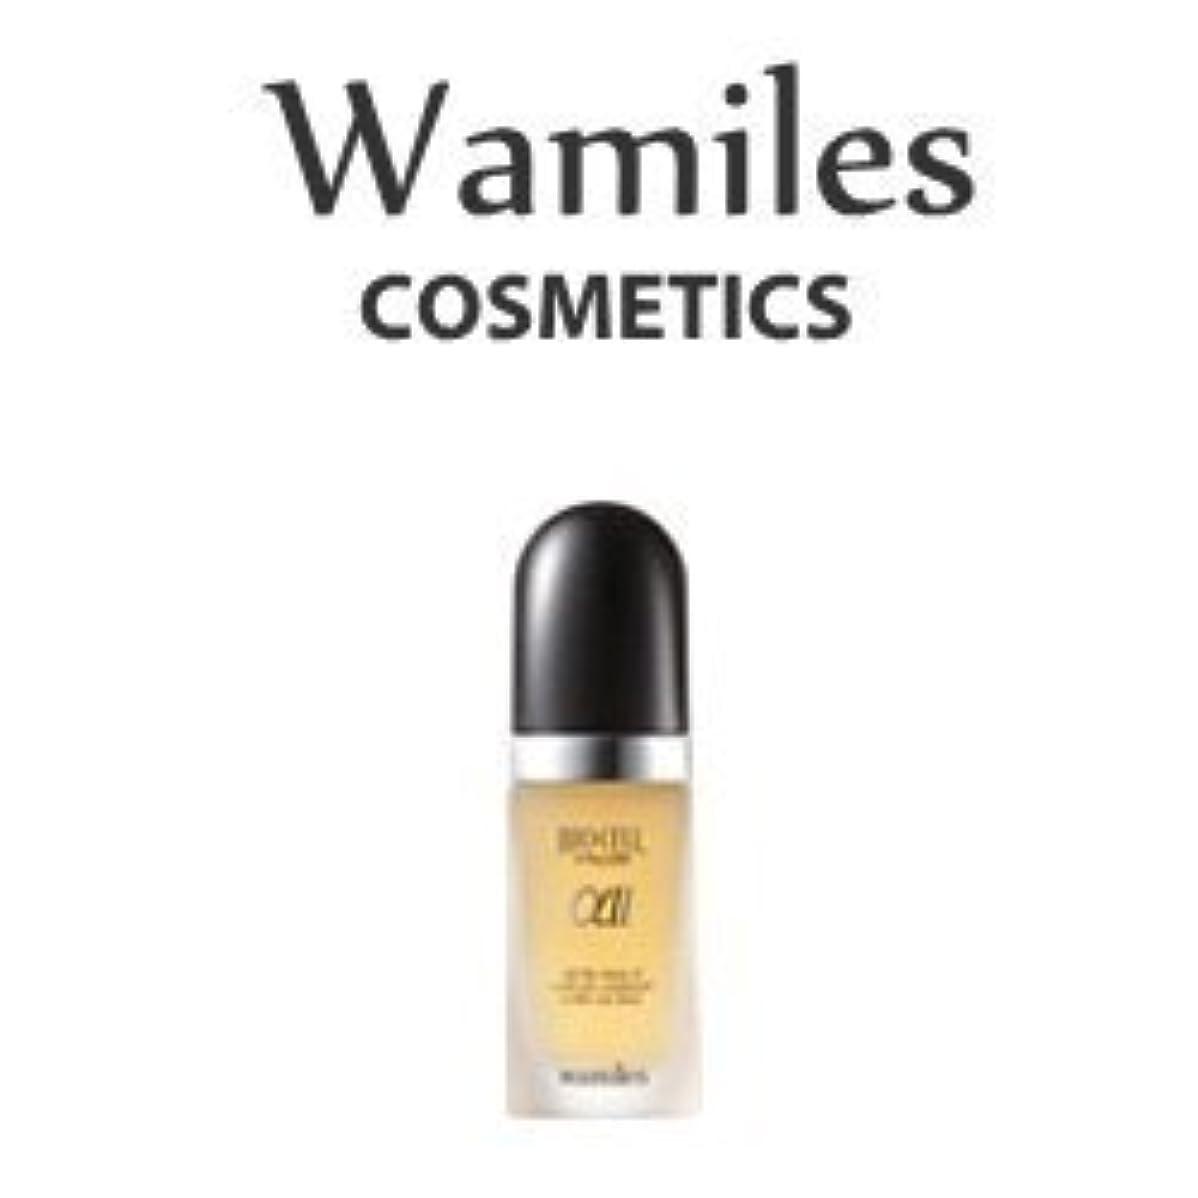 wamiles/ワミレス ビオセル バイタライザーα2 38ml 美容 化粧水